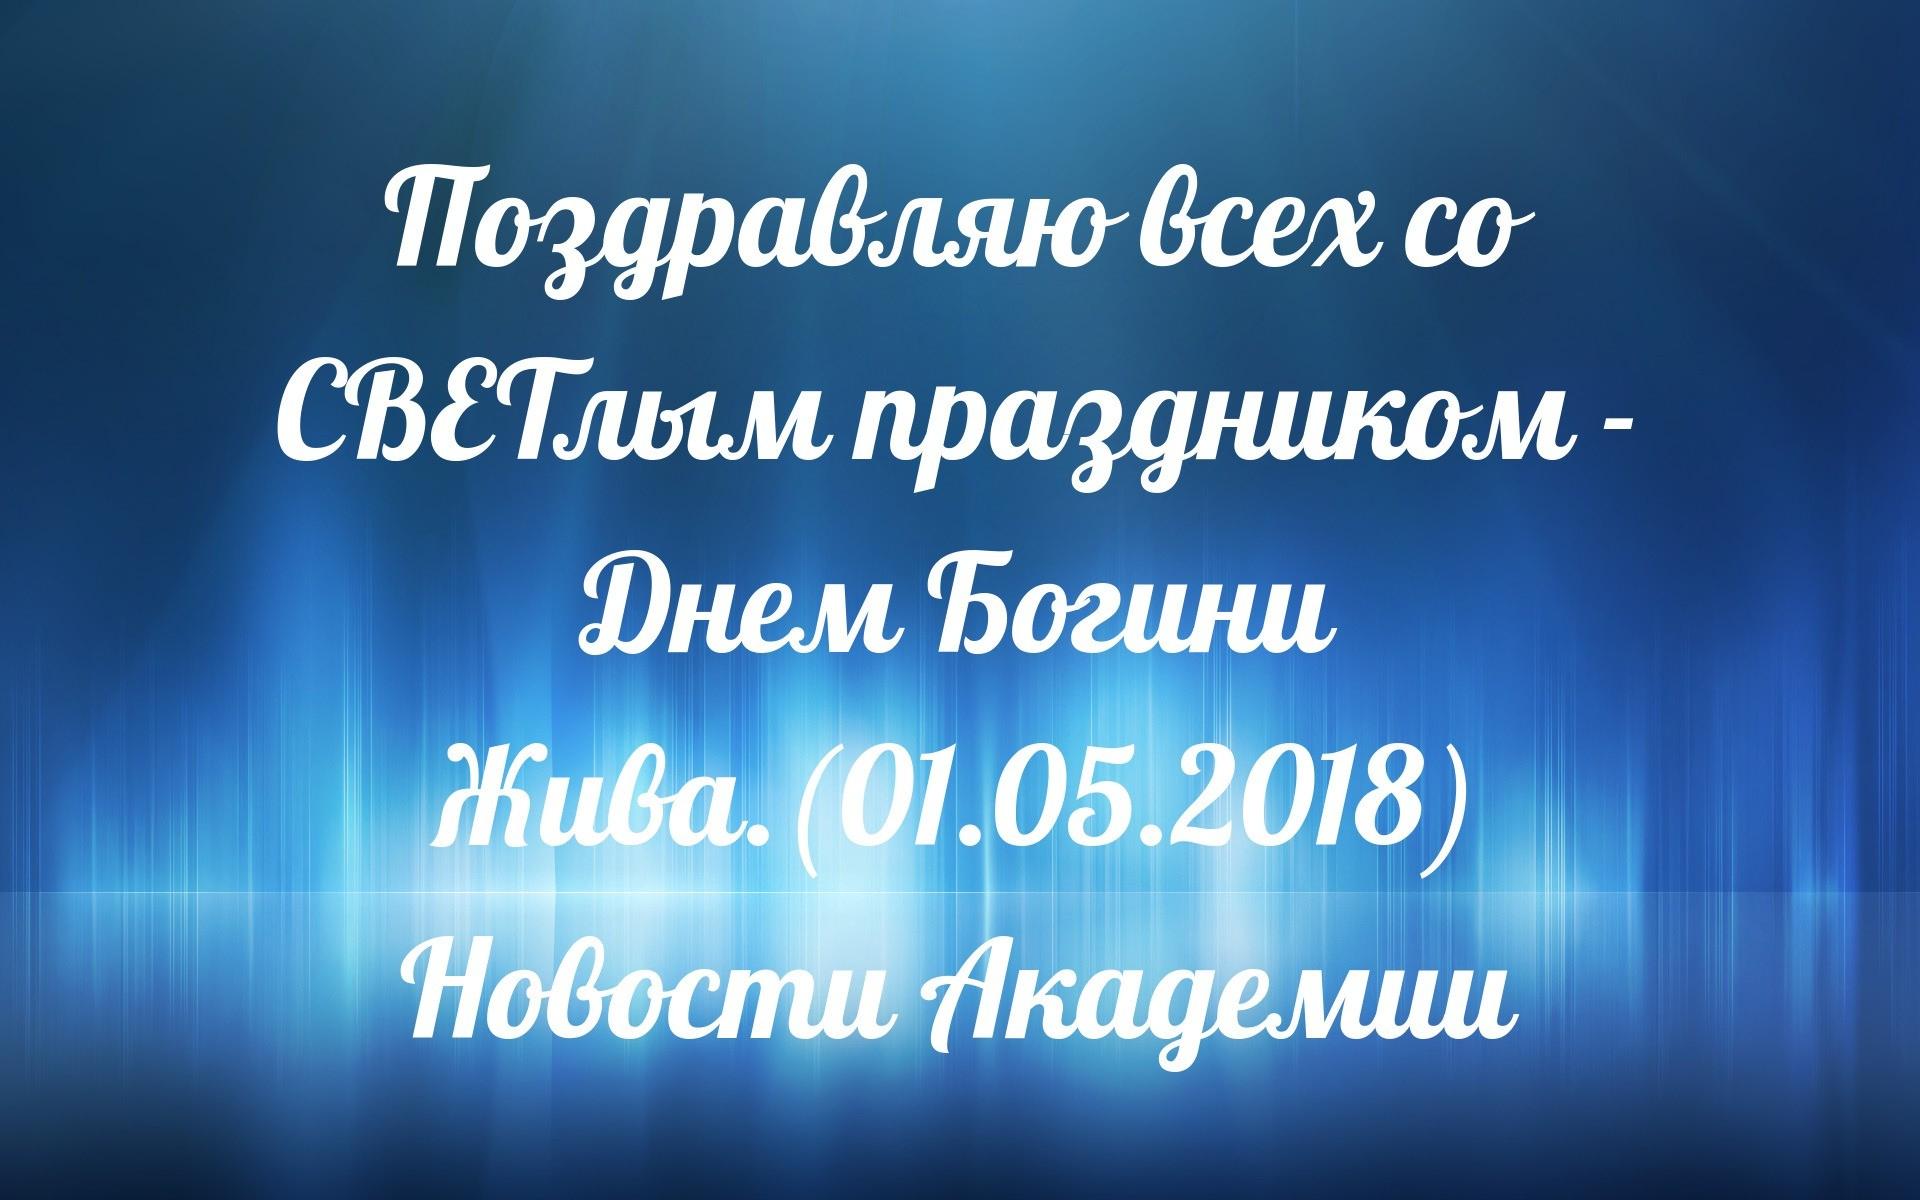 Поздравляю всех со СВЕТлым праздником - Днем Богини Жива (01.05.2018)